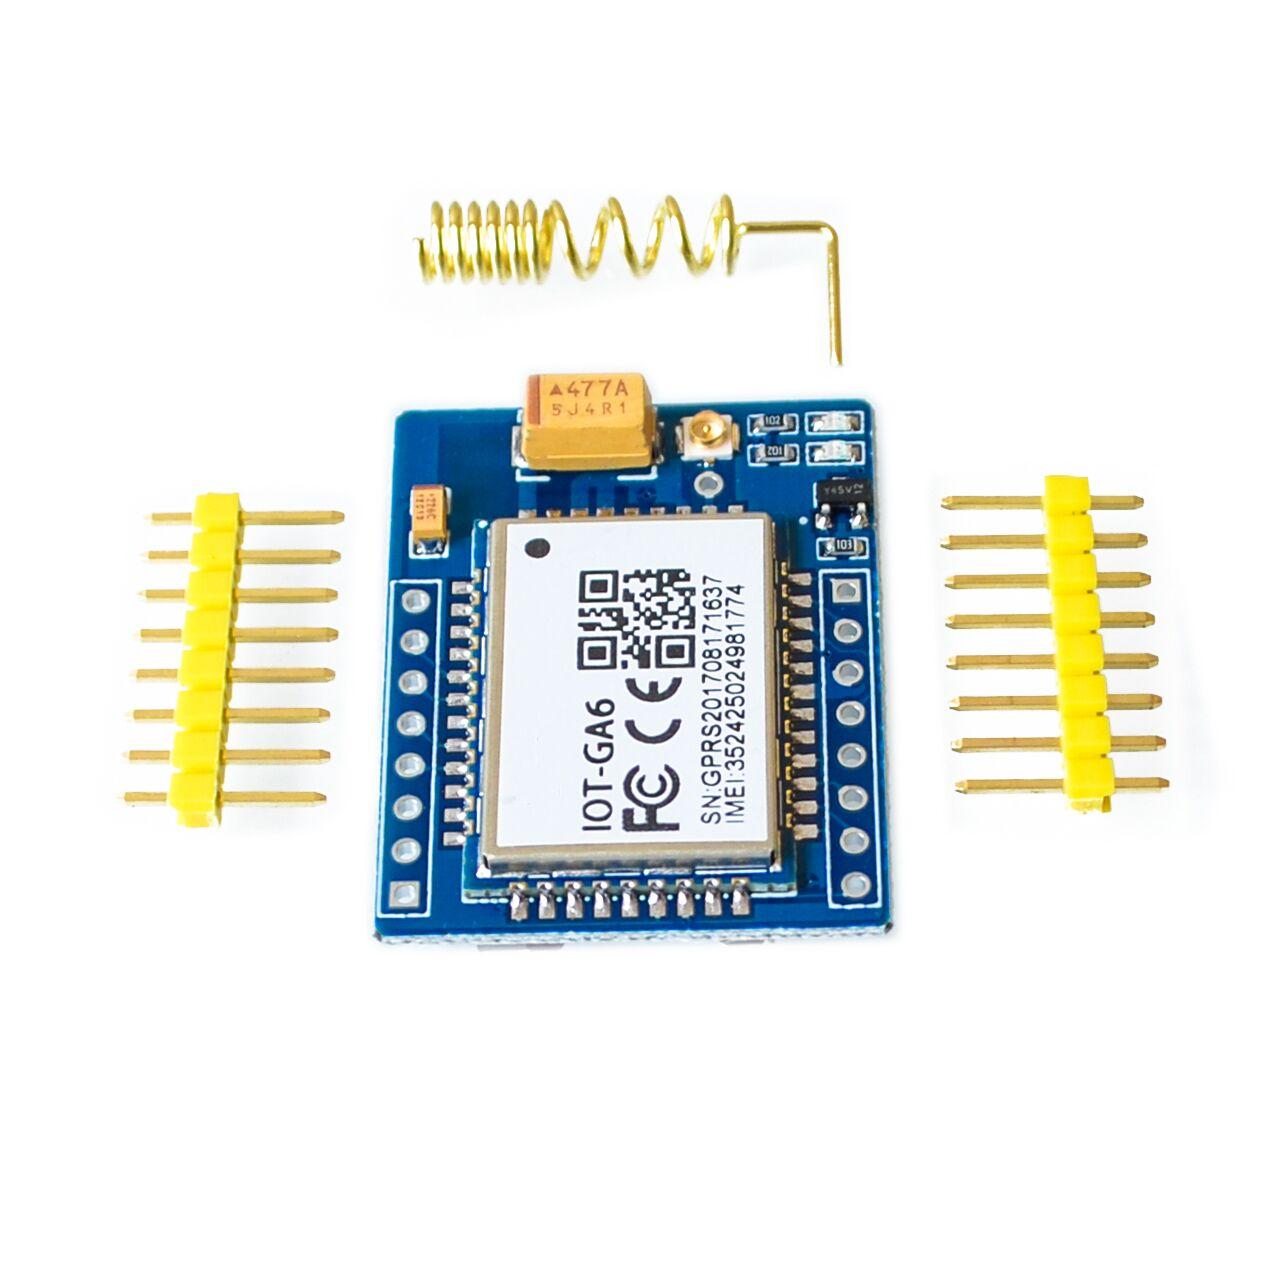 Мини A6 GA6 GA6B GPRS комплект GSM беспроводной модуль расширения плата антенна протестирована по всему миру магазин для SIM800L